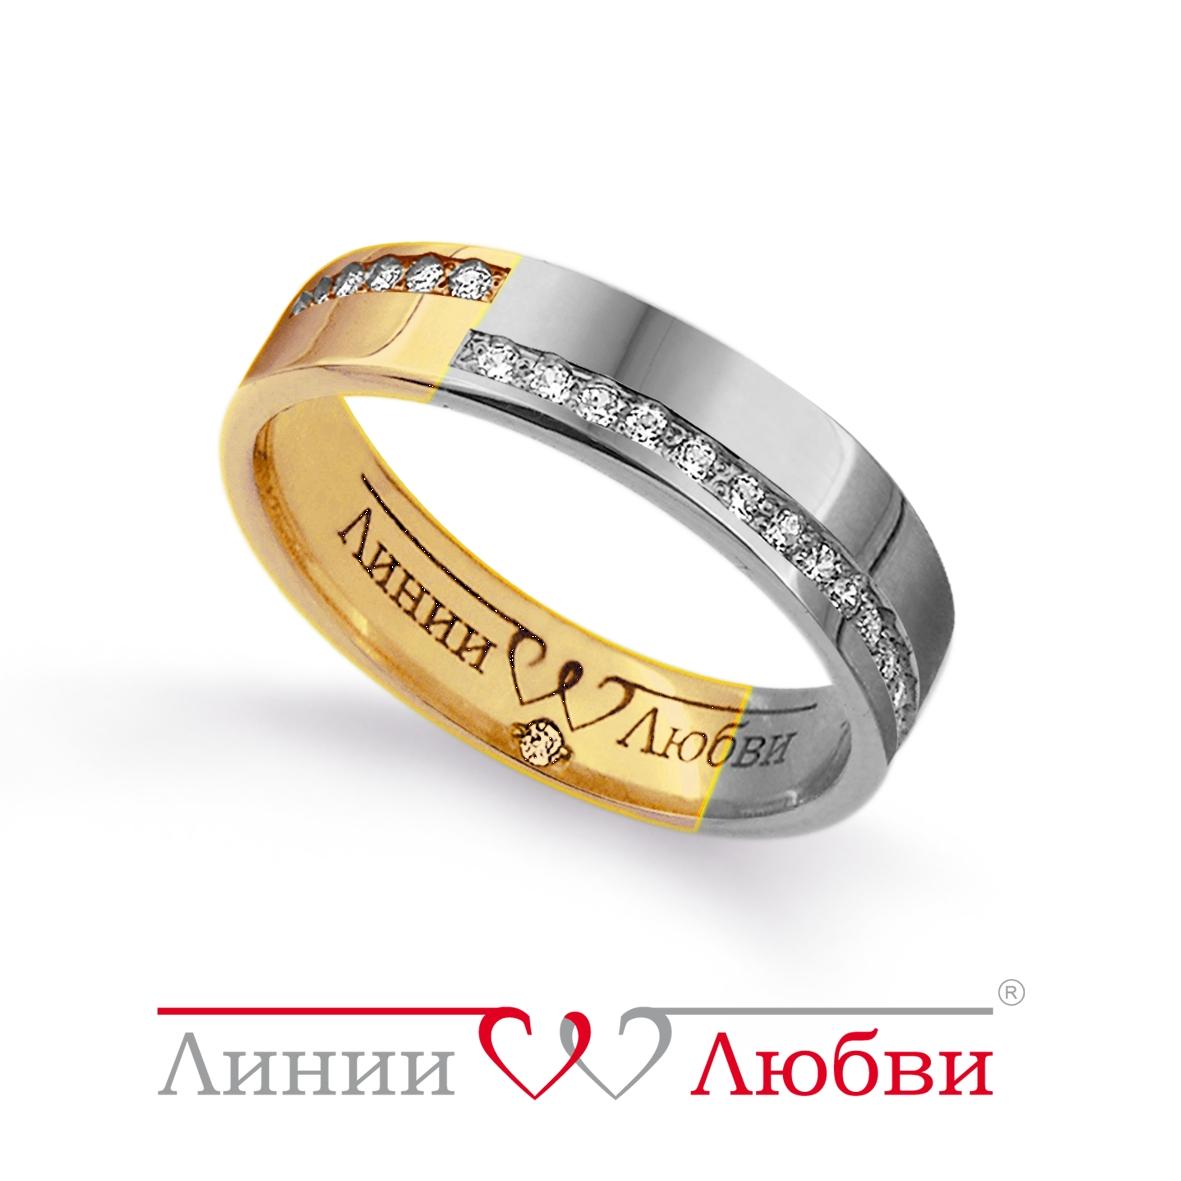 Кольцо КоЮЗ Топаз Кольцо Л41191011 обручальное кольцо эстет золотое обручальное кольцо с бриллиантами est01о620101b4 19 5